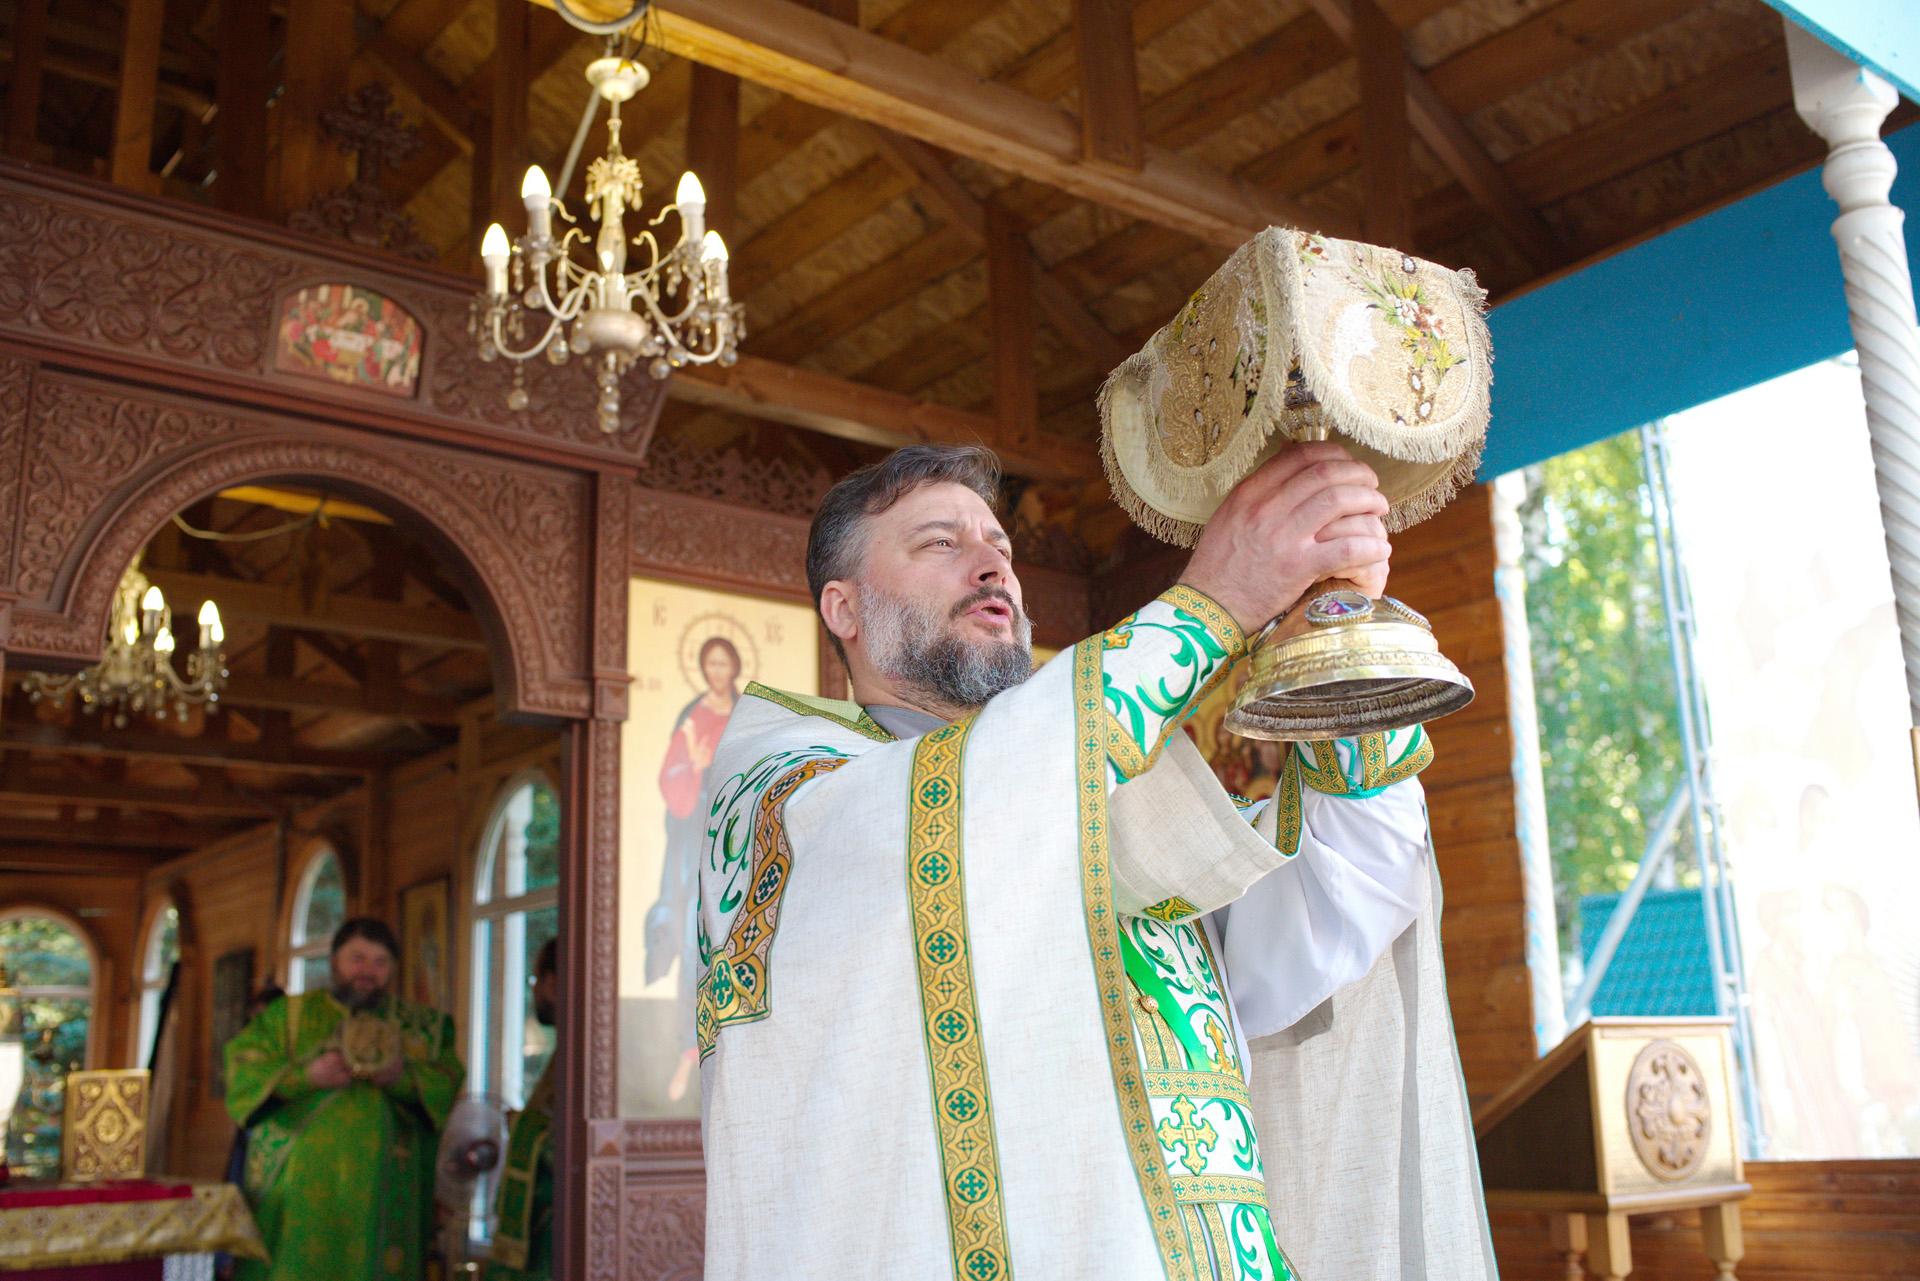 http://monuspen.ru/photoreports/63cee2eedb0b6f9799f6ffc103c27fai.jpg